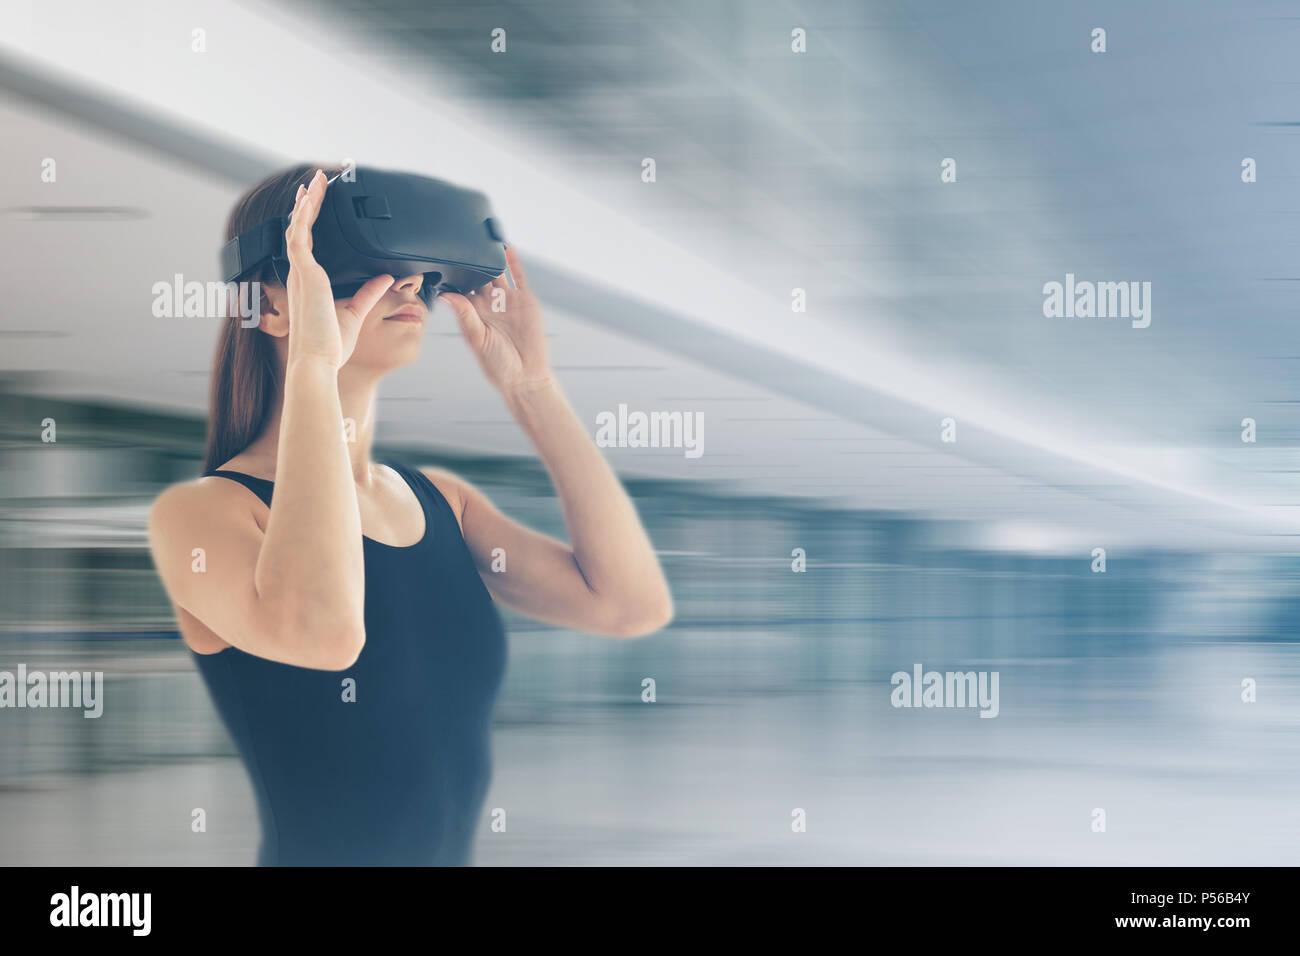 Giovane donna con occhiali per realtà virtuale. Tecnologia del presente e del futuro Immagini Stock